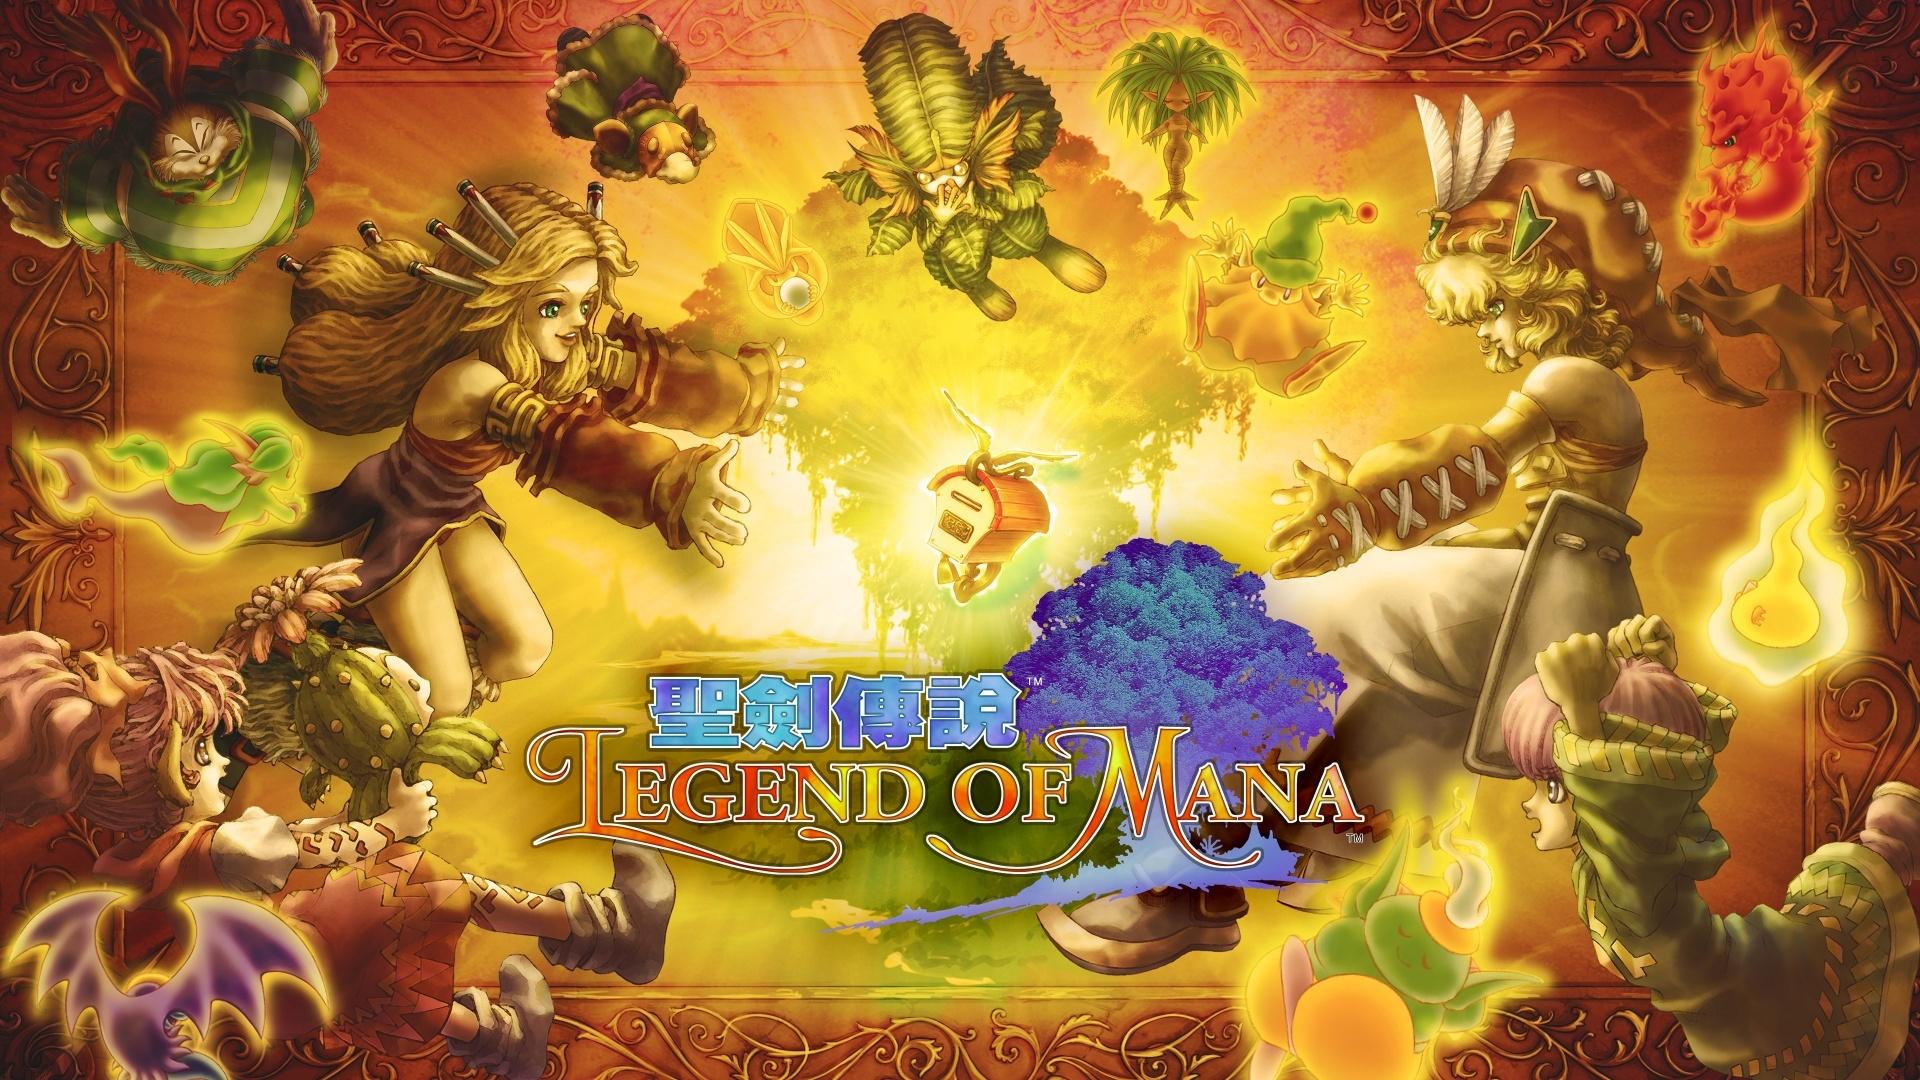 [新聞] 經典再現《聖劍傳說 Legend of Mana》